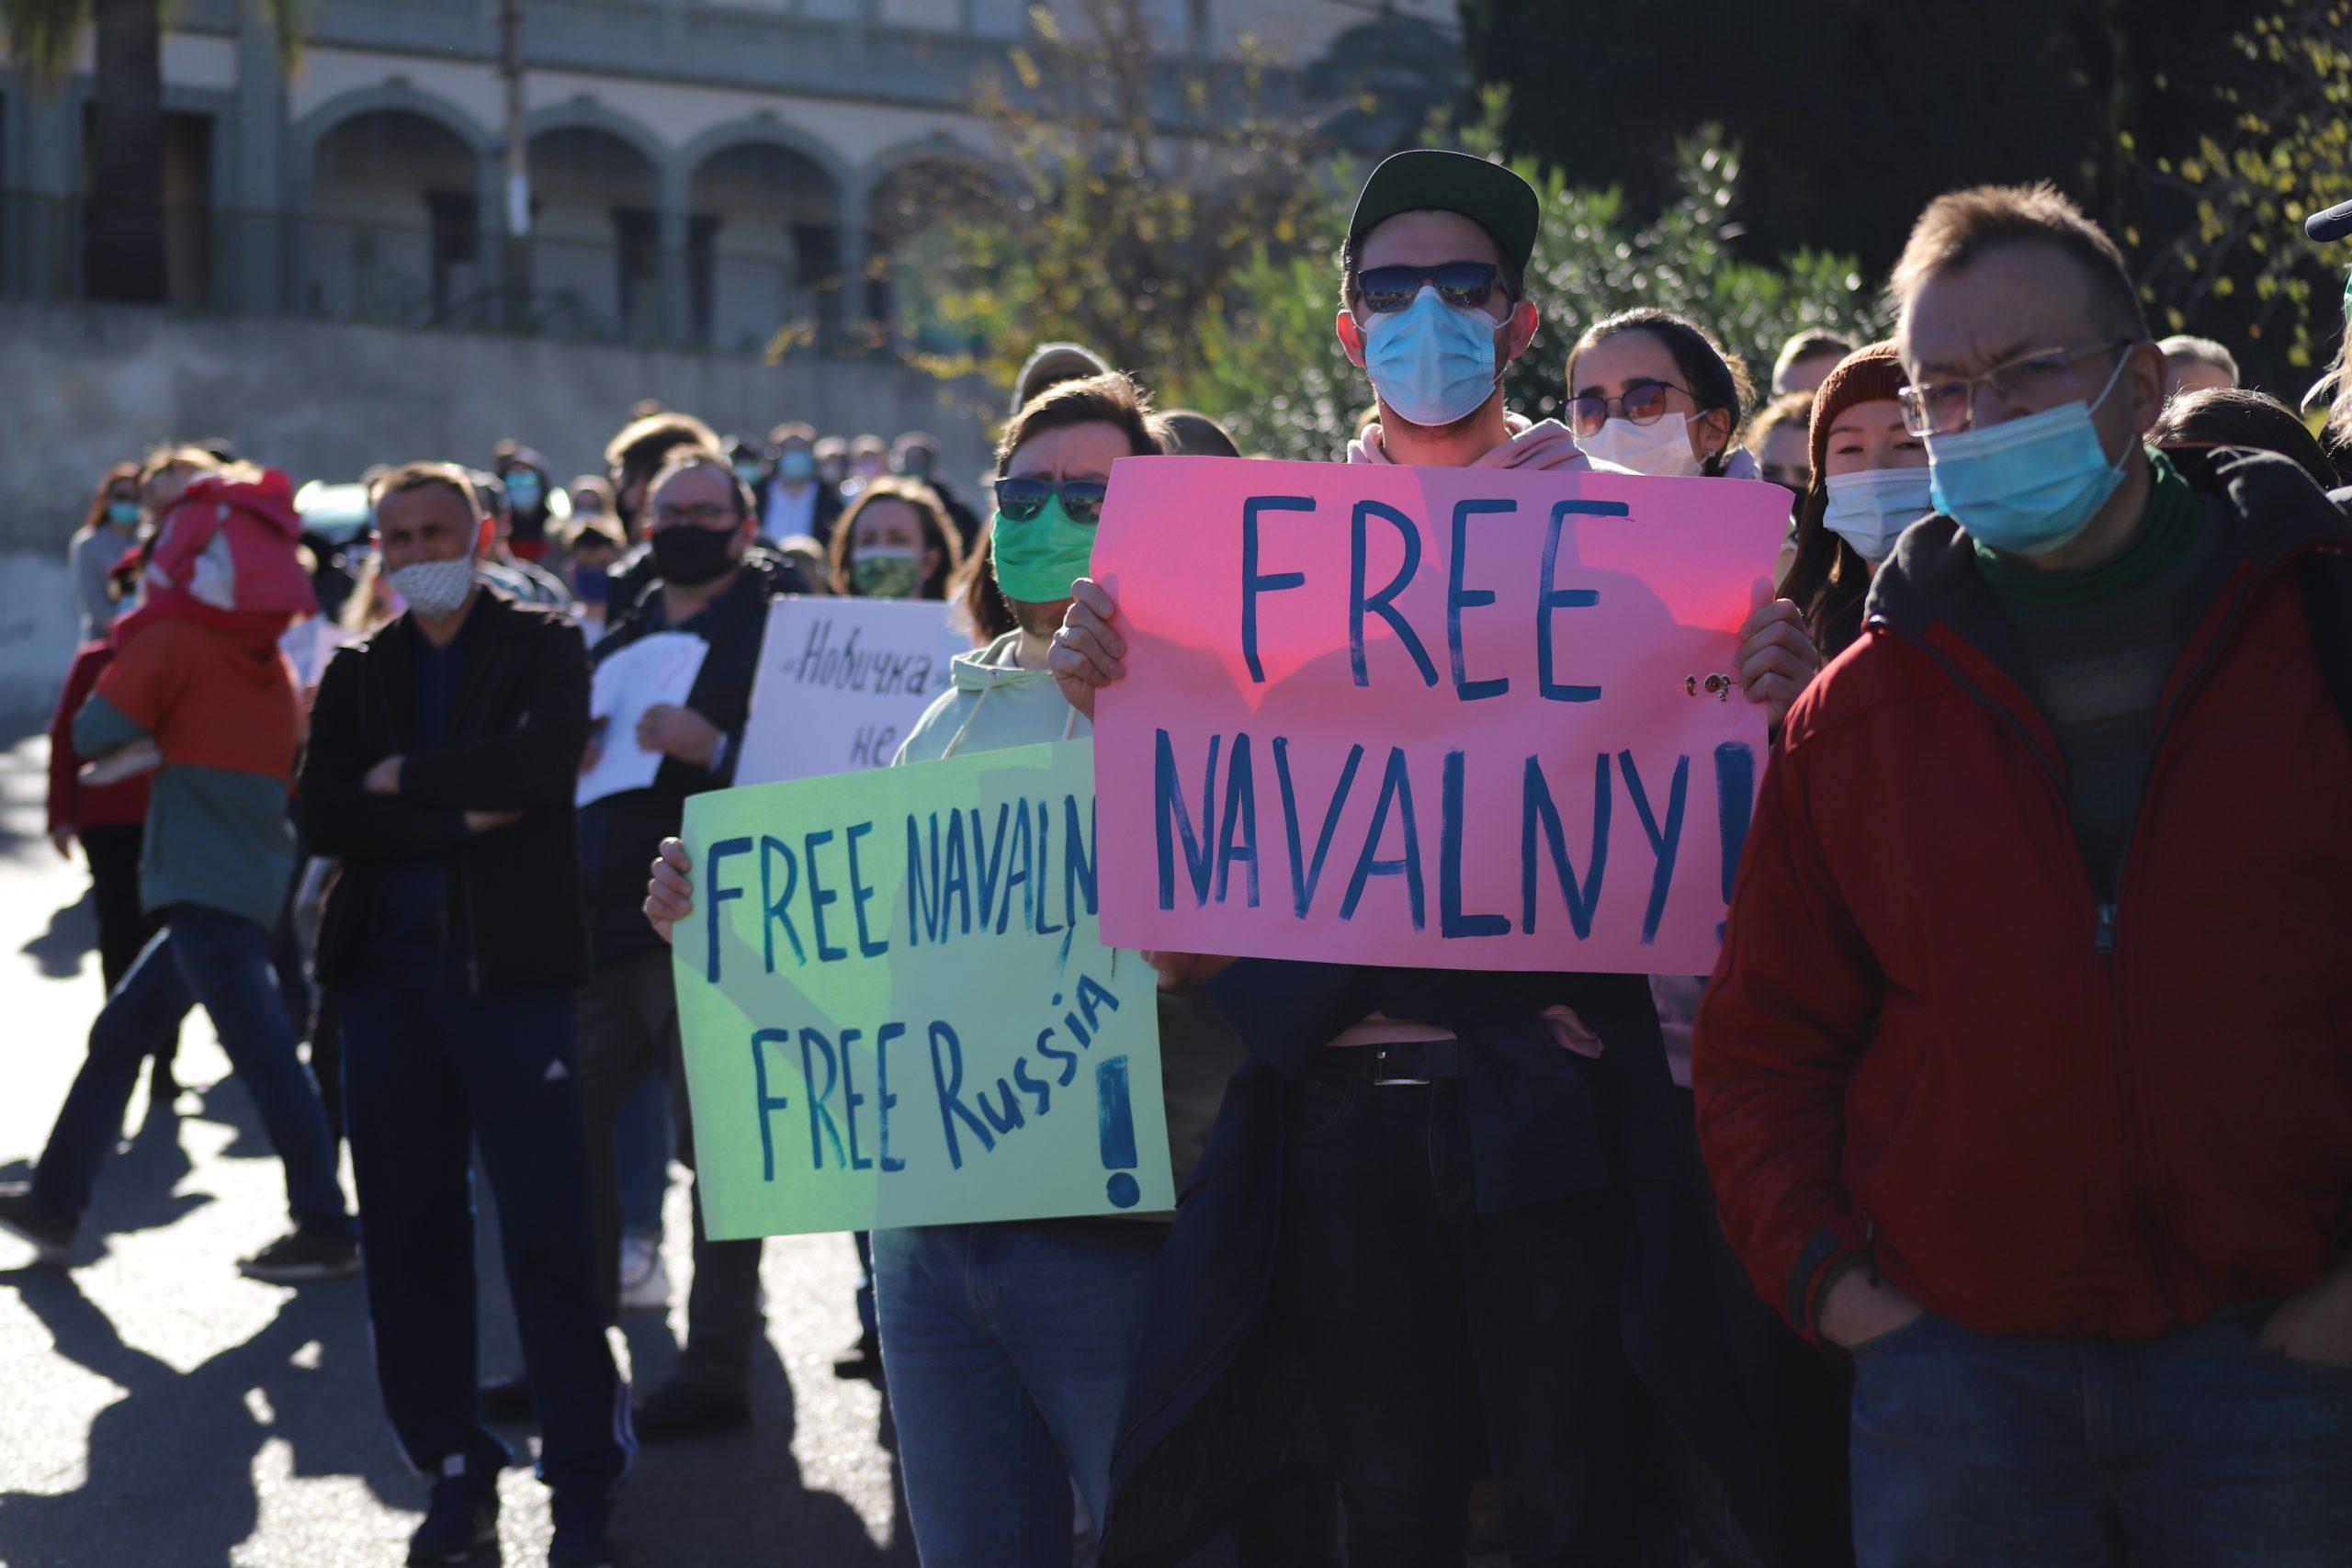 Free Navalny